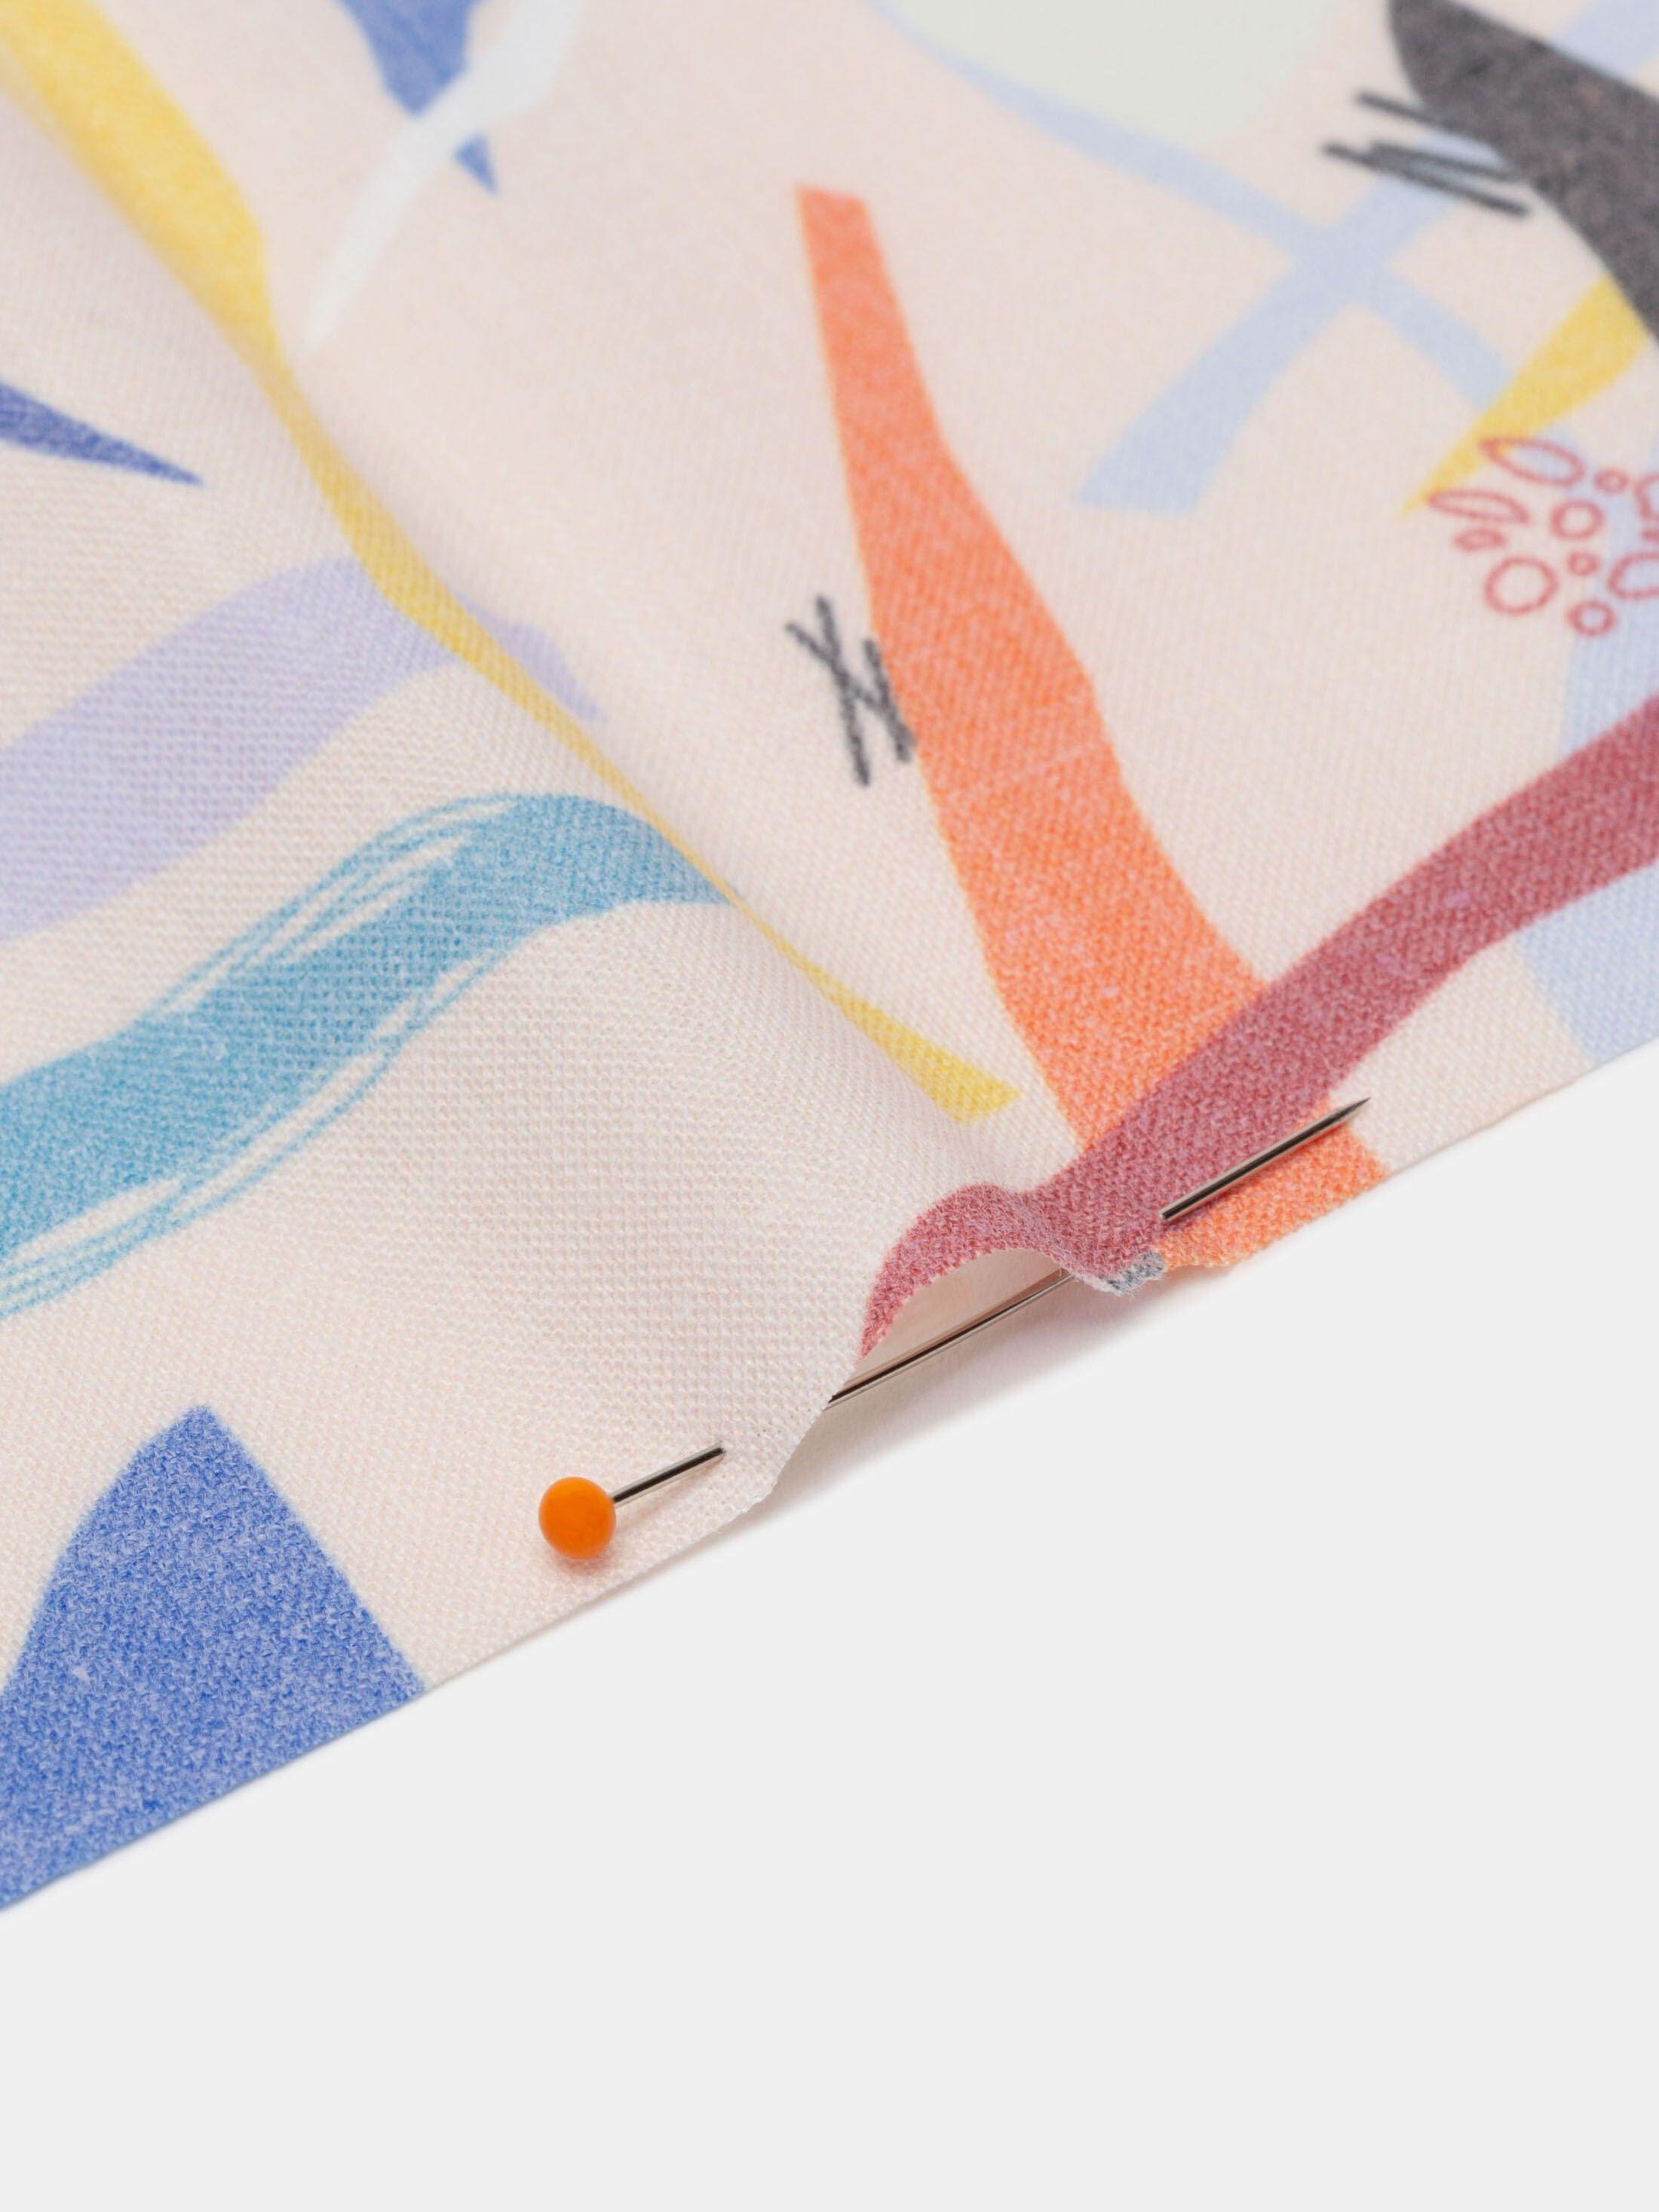 Sublimación textil en polialgodón retro